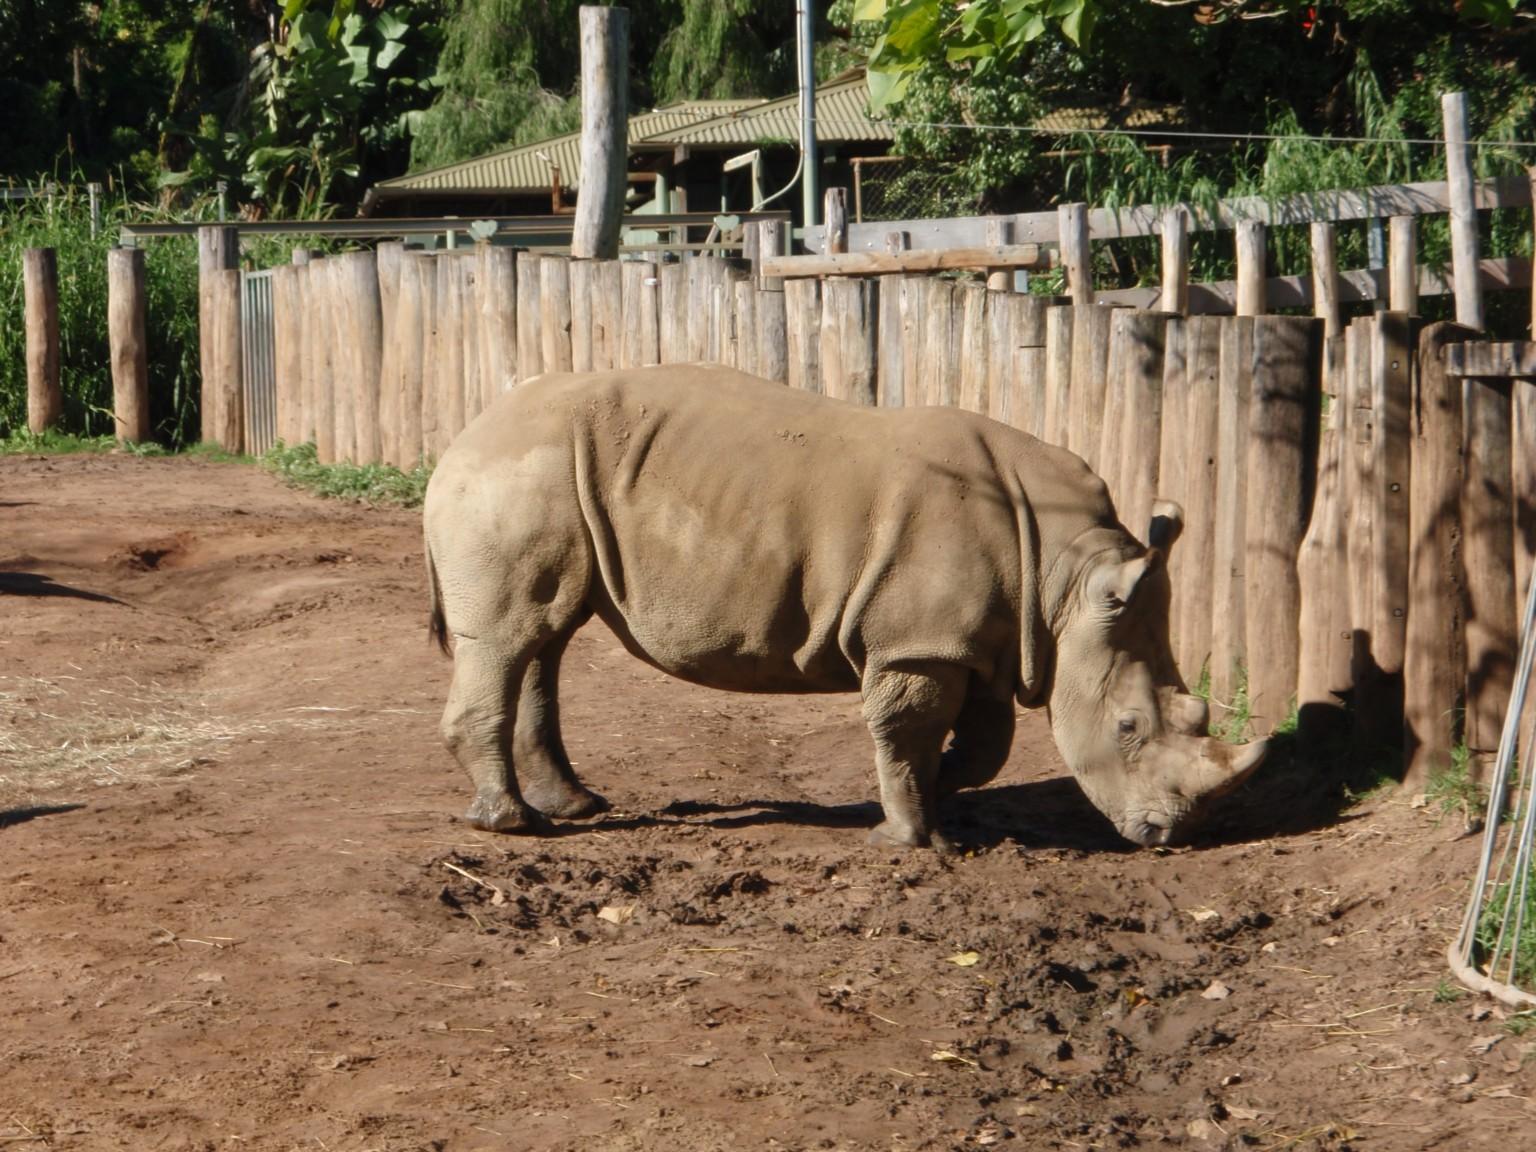 The Rhinocerous